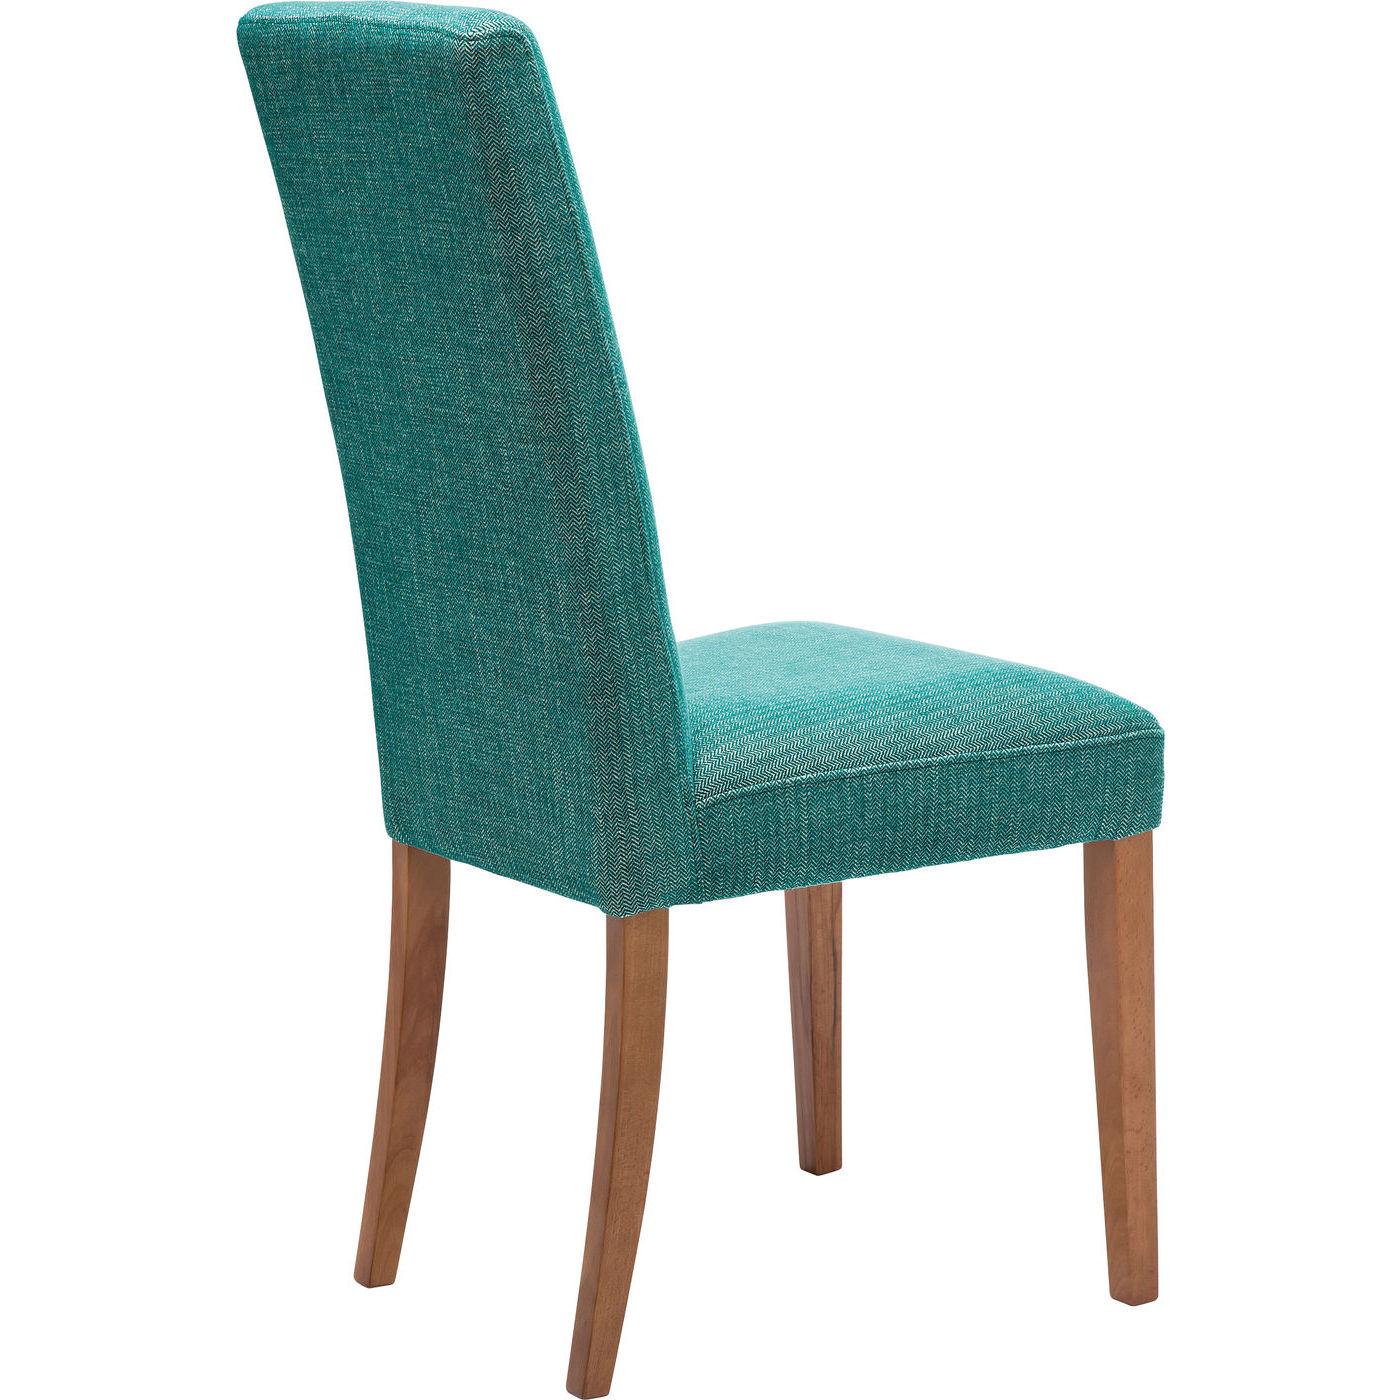 Stuhl polsterstuhl esszimmerstuhl wohnzimmer gr n retro for Stuhl design ebay